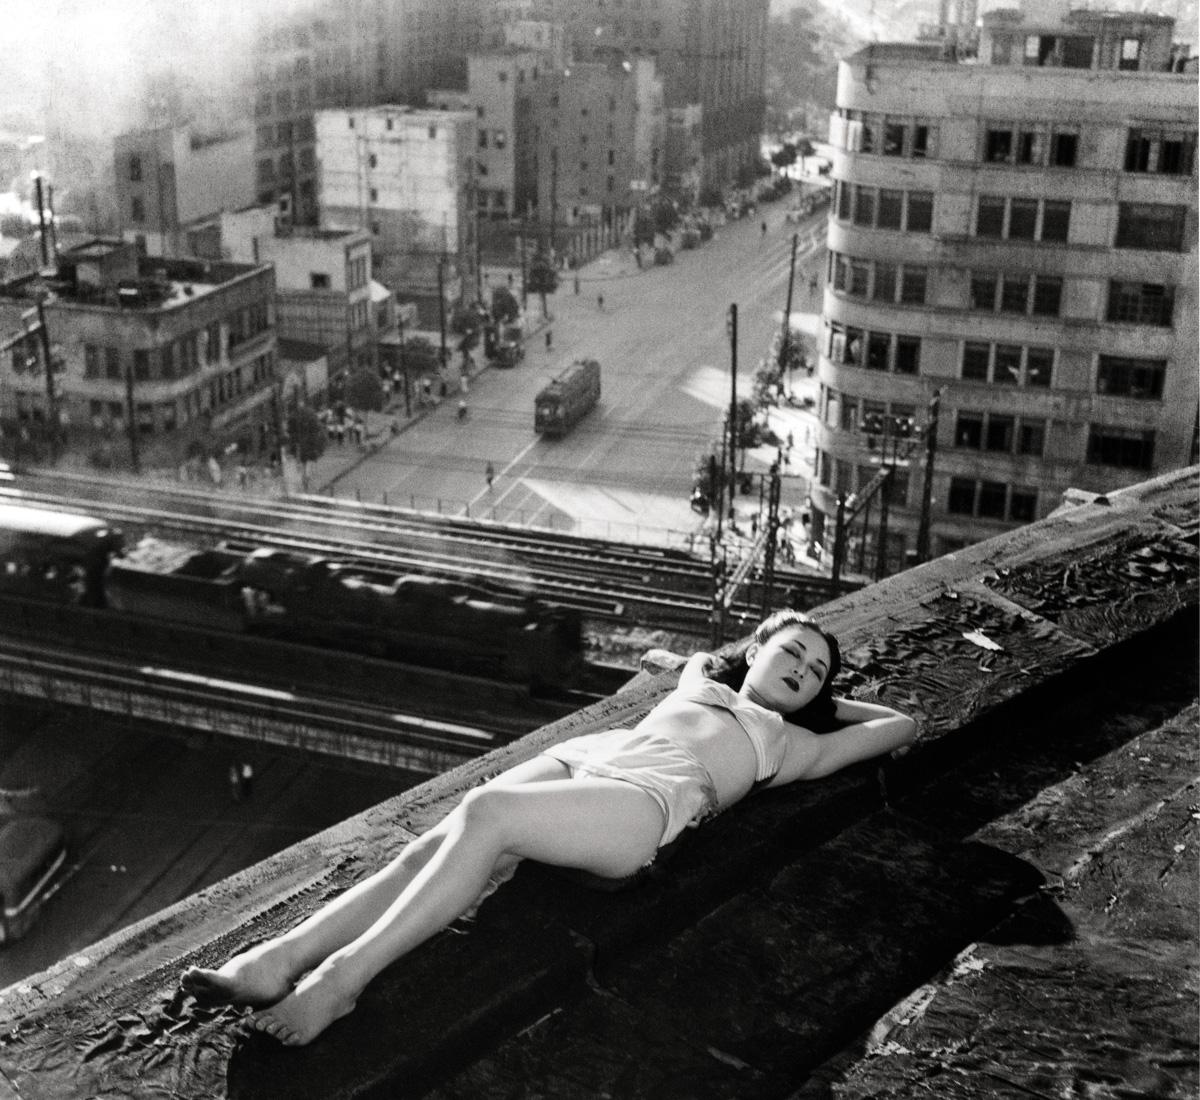 """As """"garotas <i>panpan</i>"""", prostitutas autônomas do Japão, eram apontadas como símbolo da degradação nacional, mas provocavam fascínio. Sua situação era muito melhor do que a da maioria dos cidadãos sem-teto, famintos e empobrecidos"""